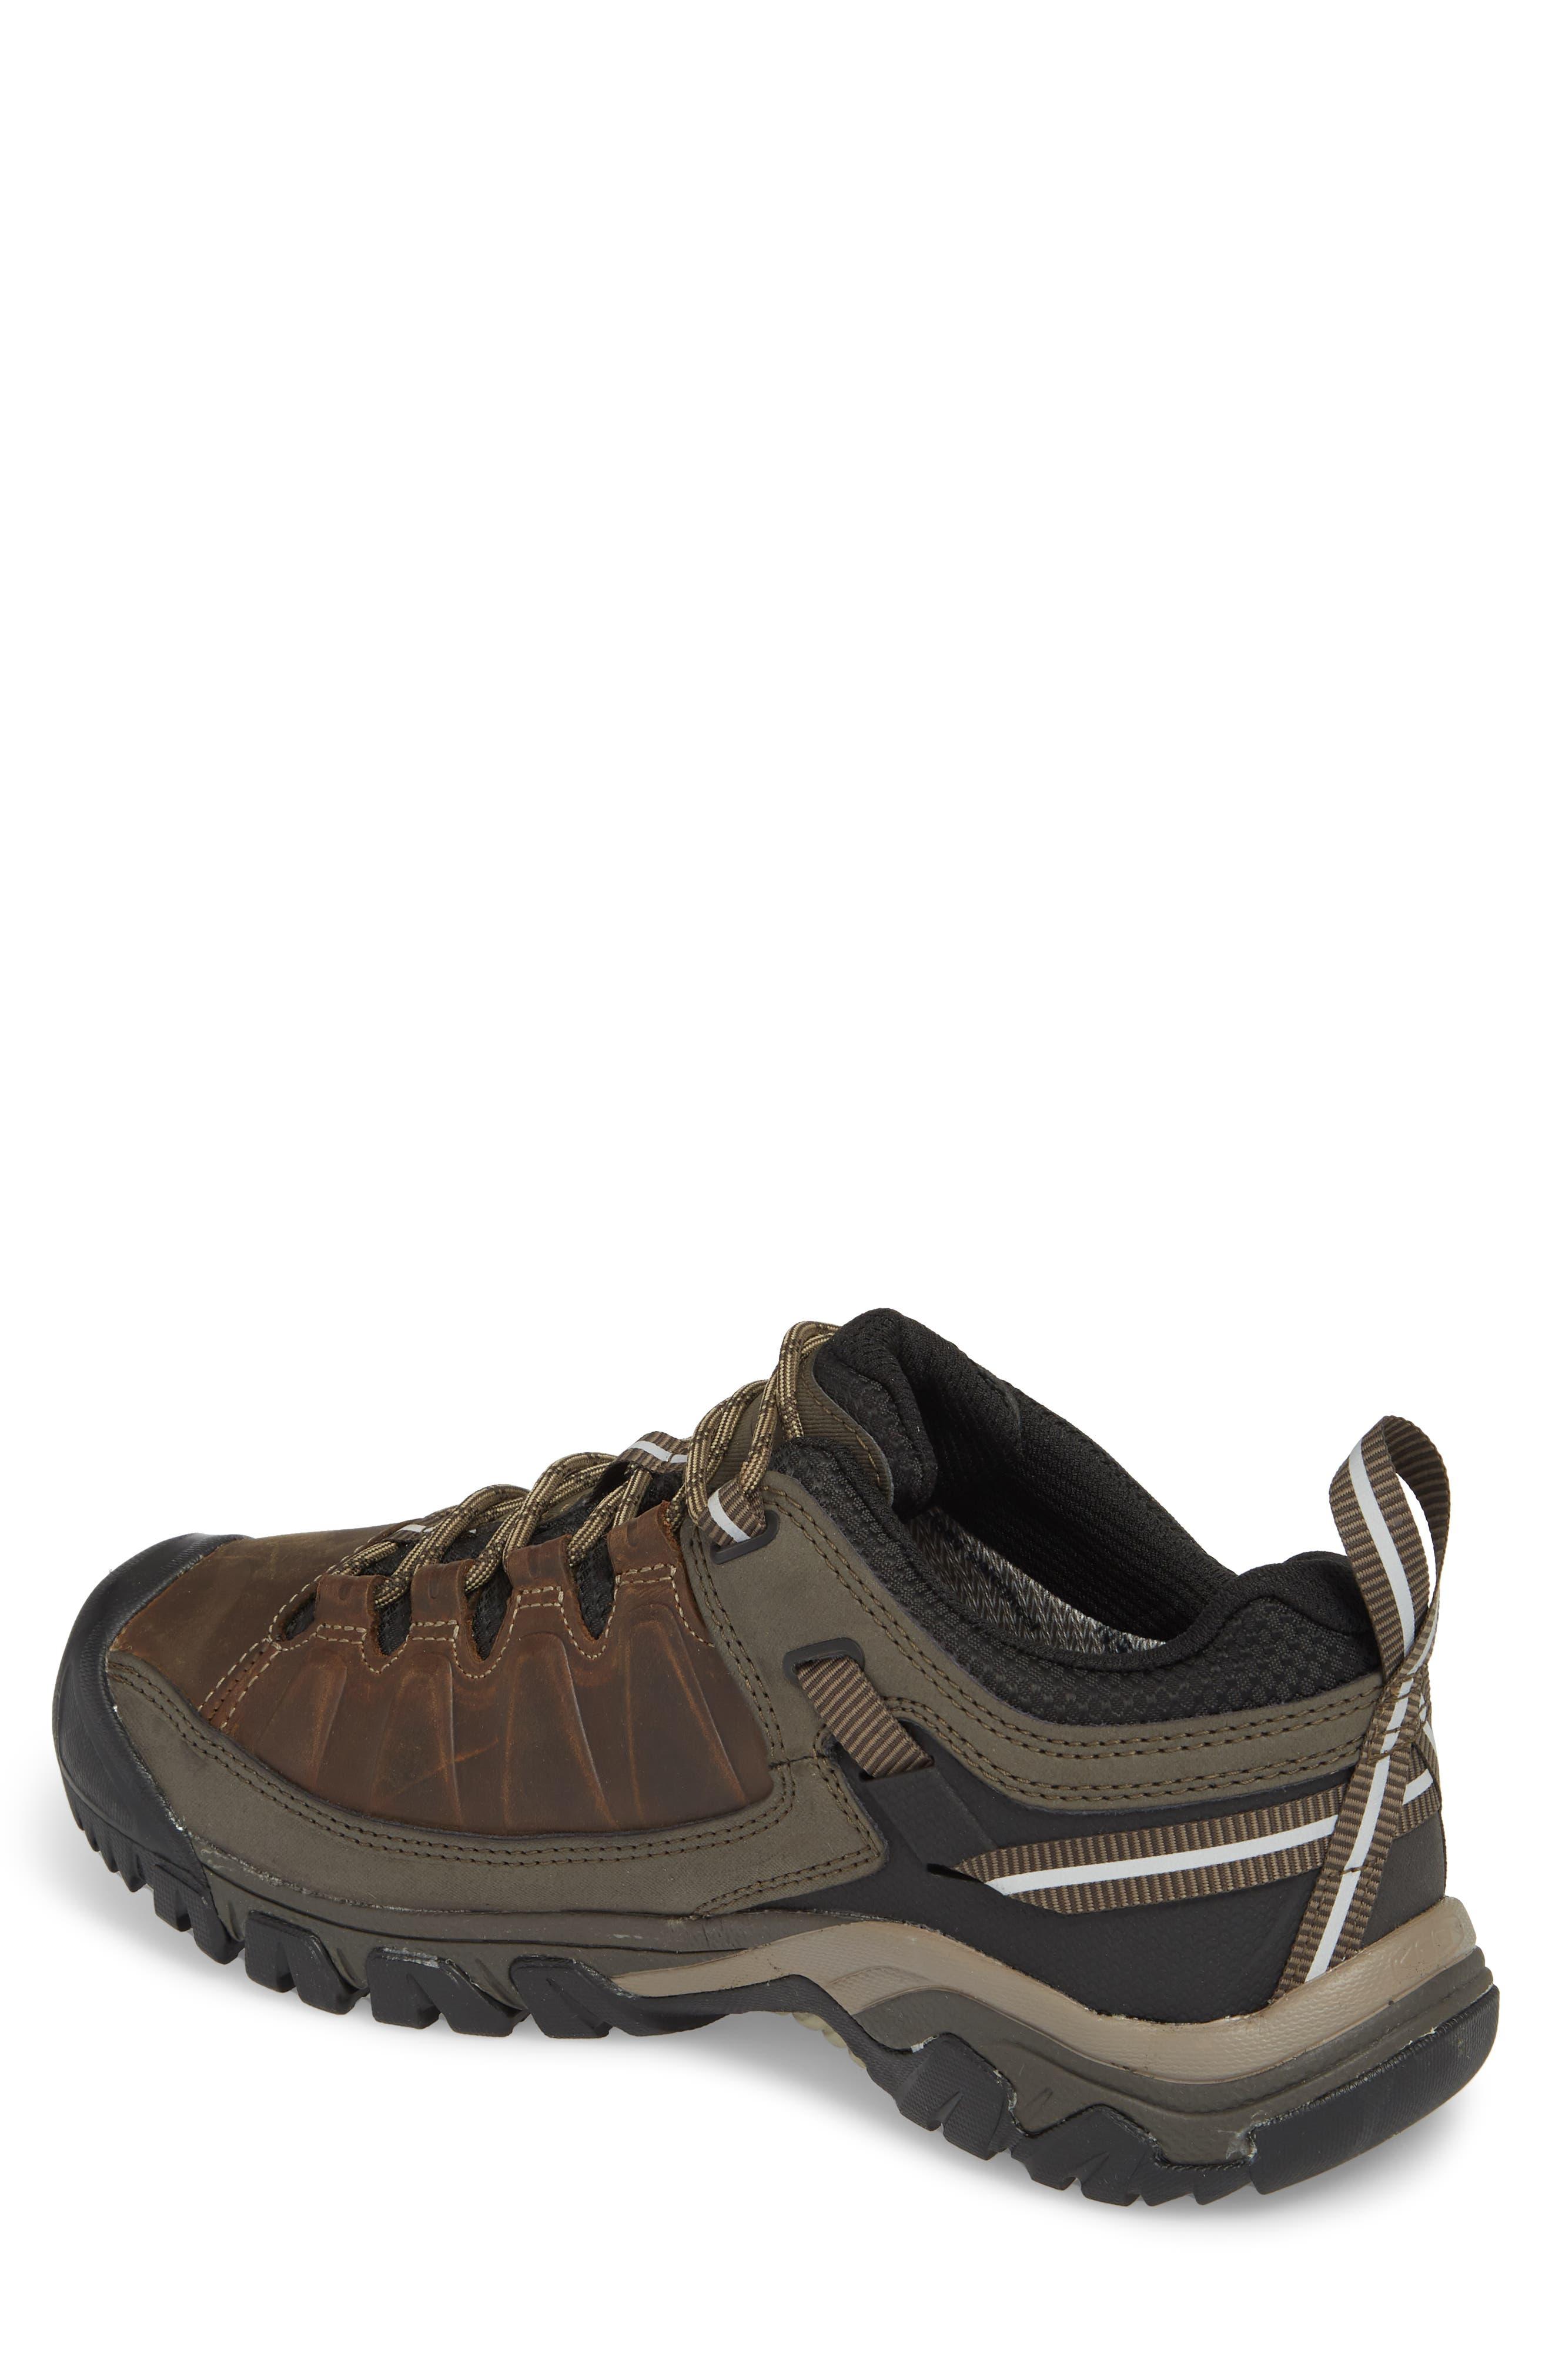 Targhee III Waterproof Hiking Shoe,                             Alternate thumbnail 2, color,                             Bungee Cord/Black